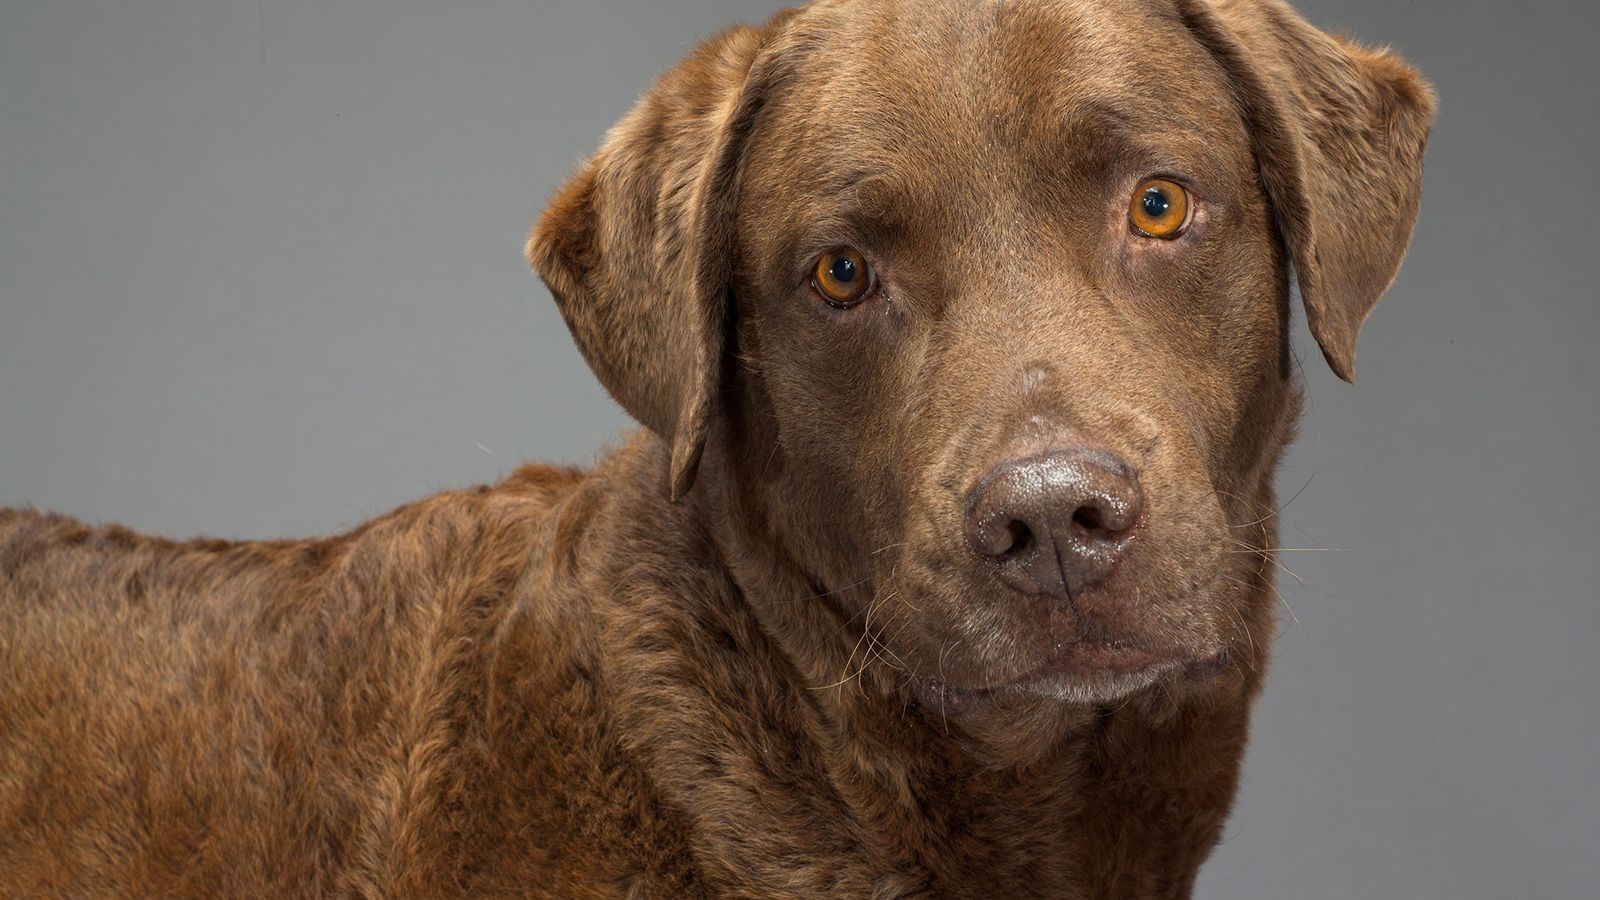 Os humanos influenciaram a evolução canina de várias maneiras, incluindo a forma como os seus cérebros ...